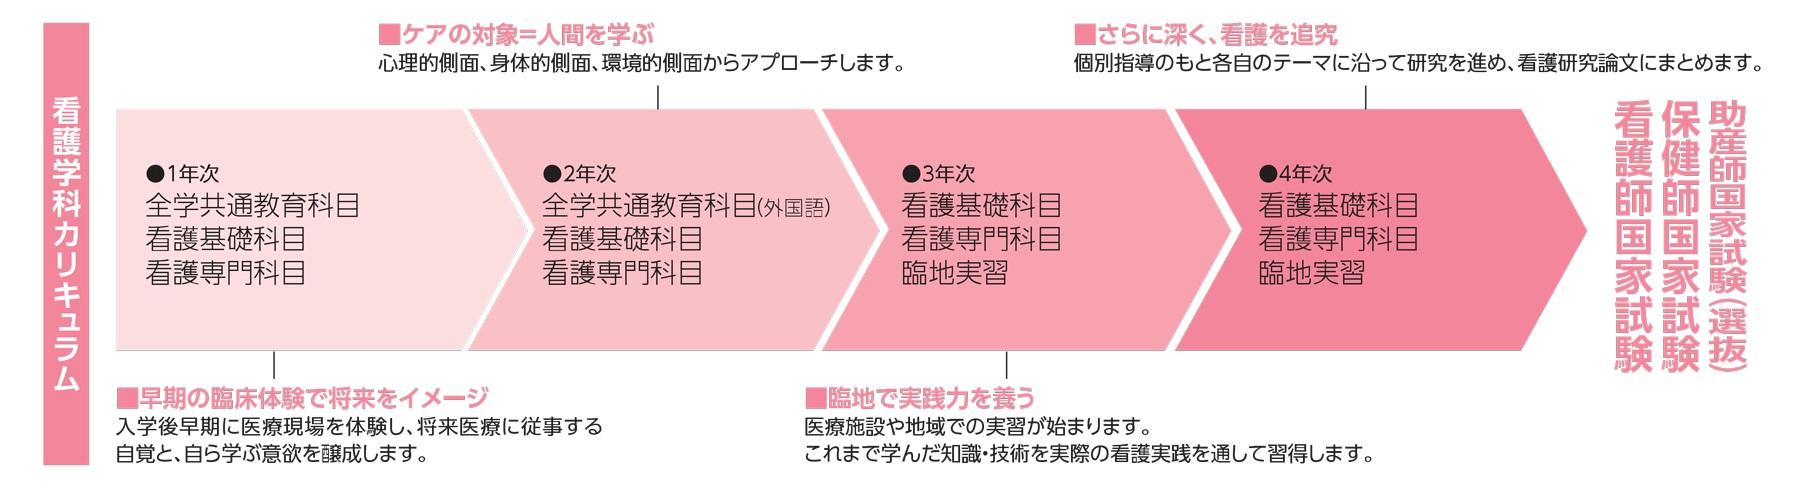 看護学科カリキュラムチャート図